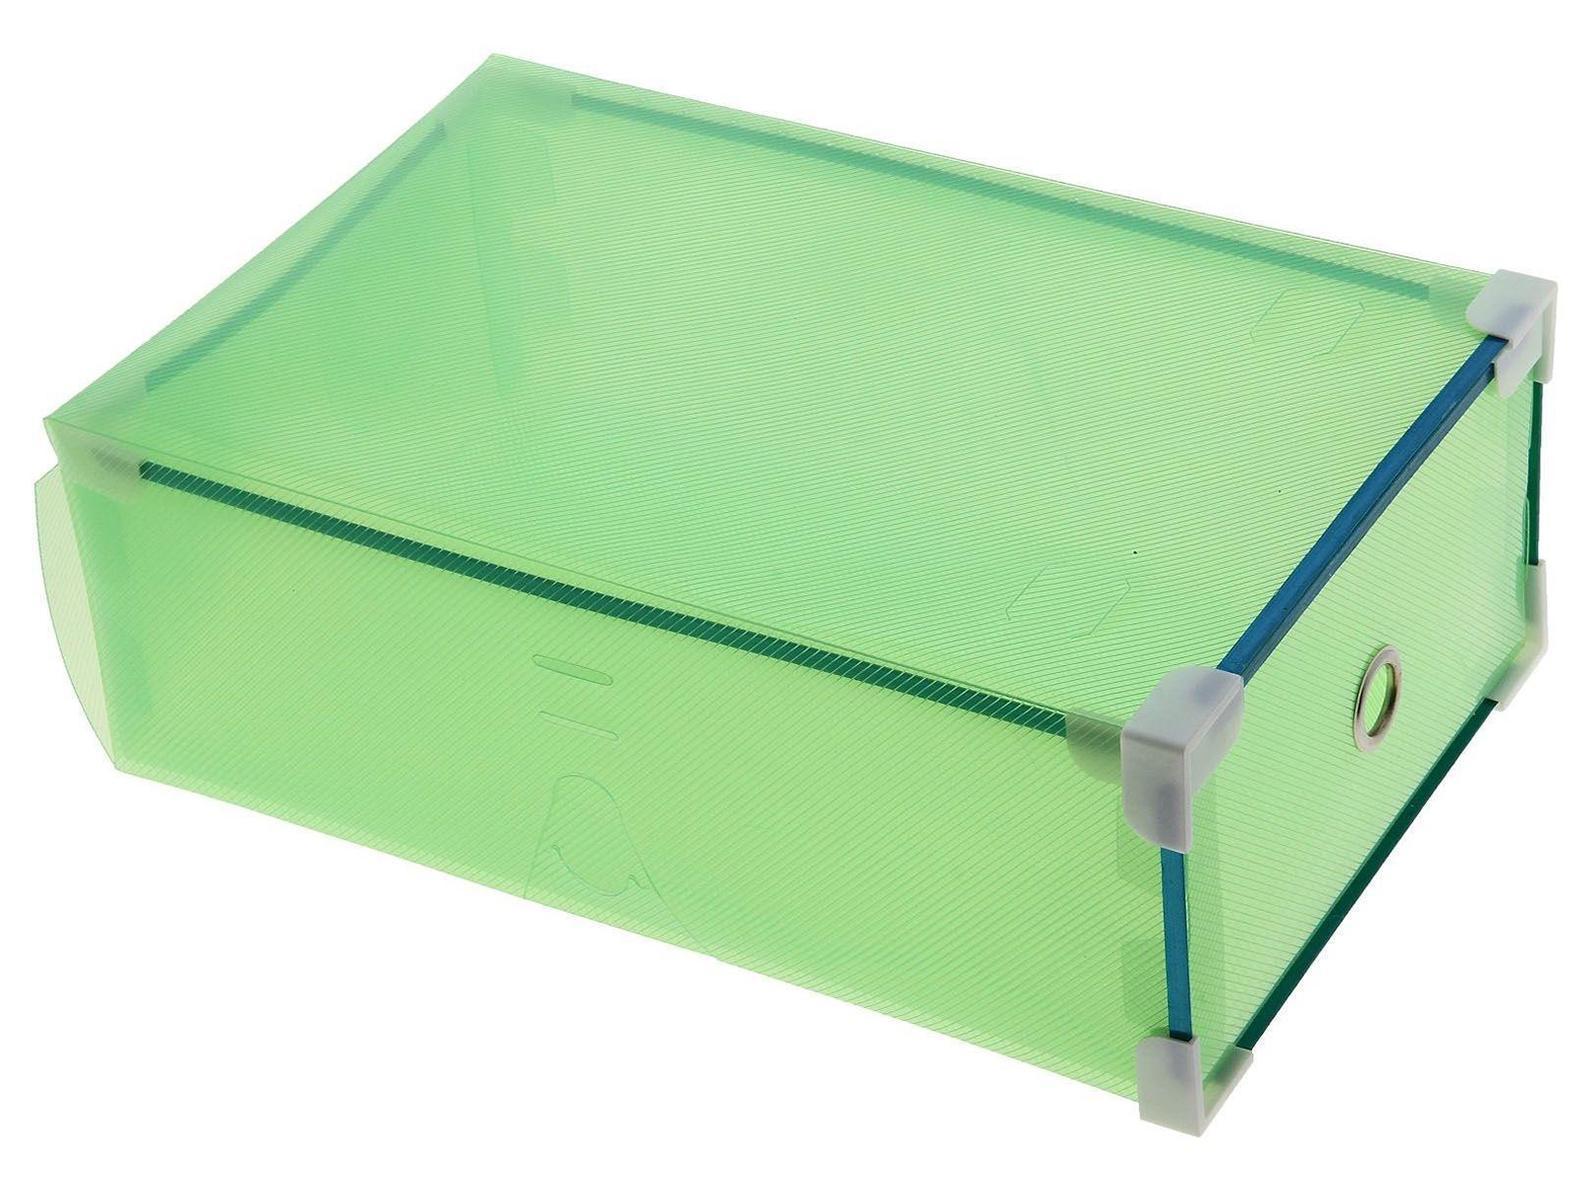 короб для хранения выдвижной 31*19,5*10,5см зеленый 709966